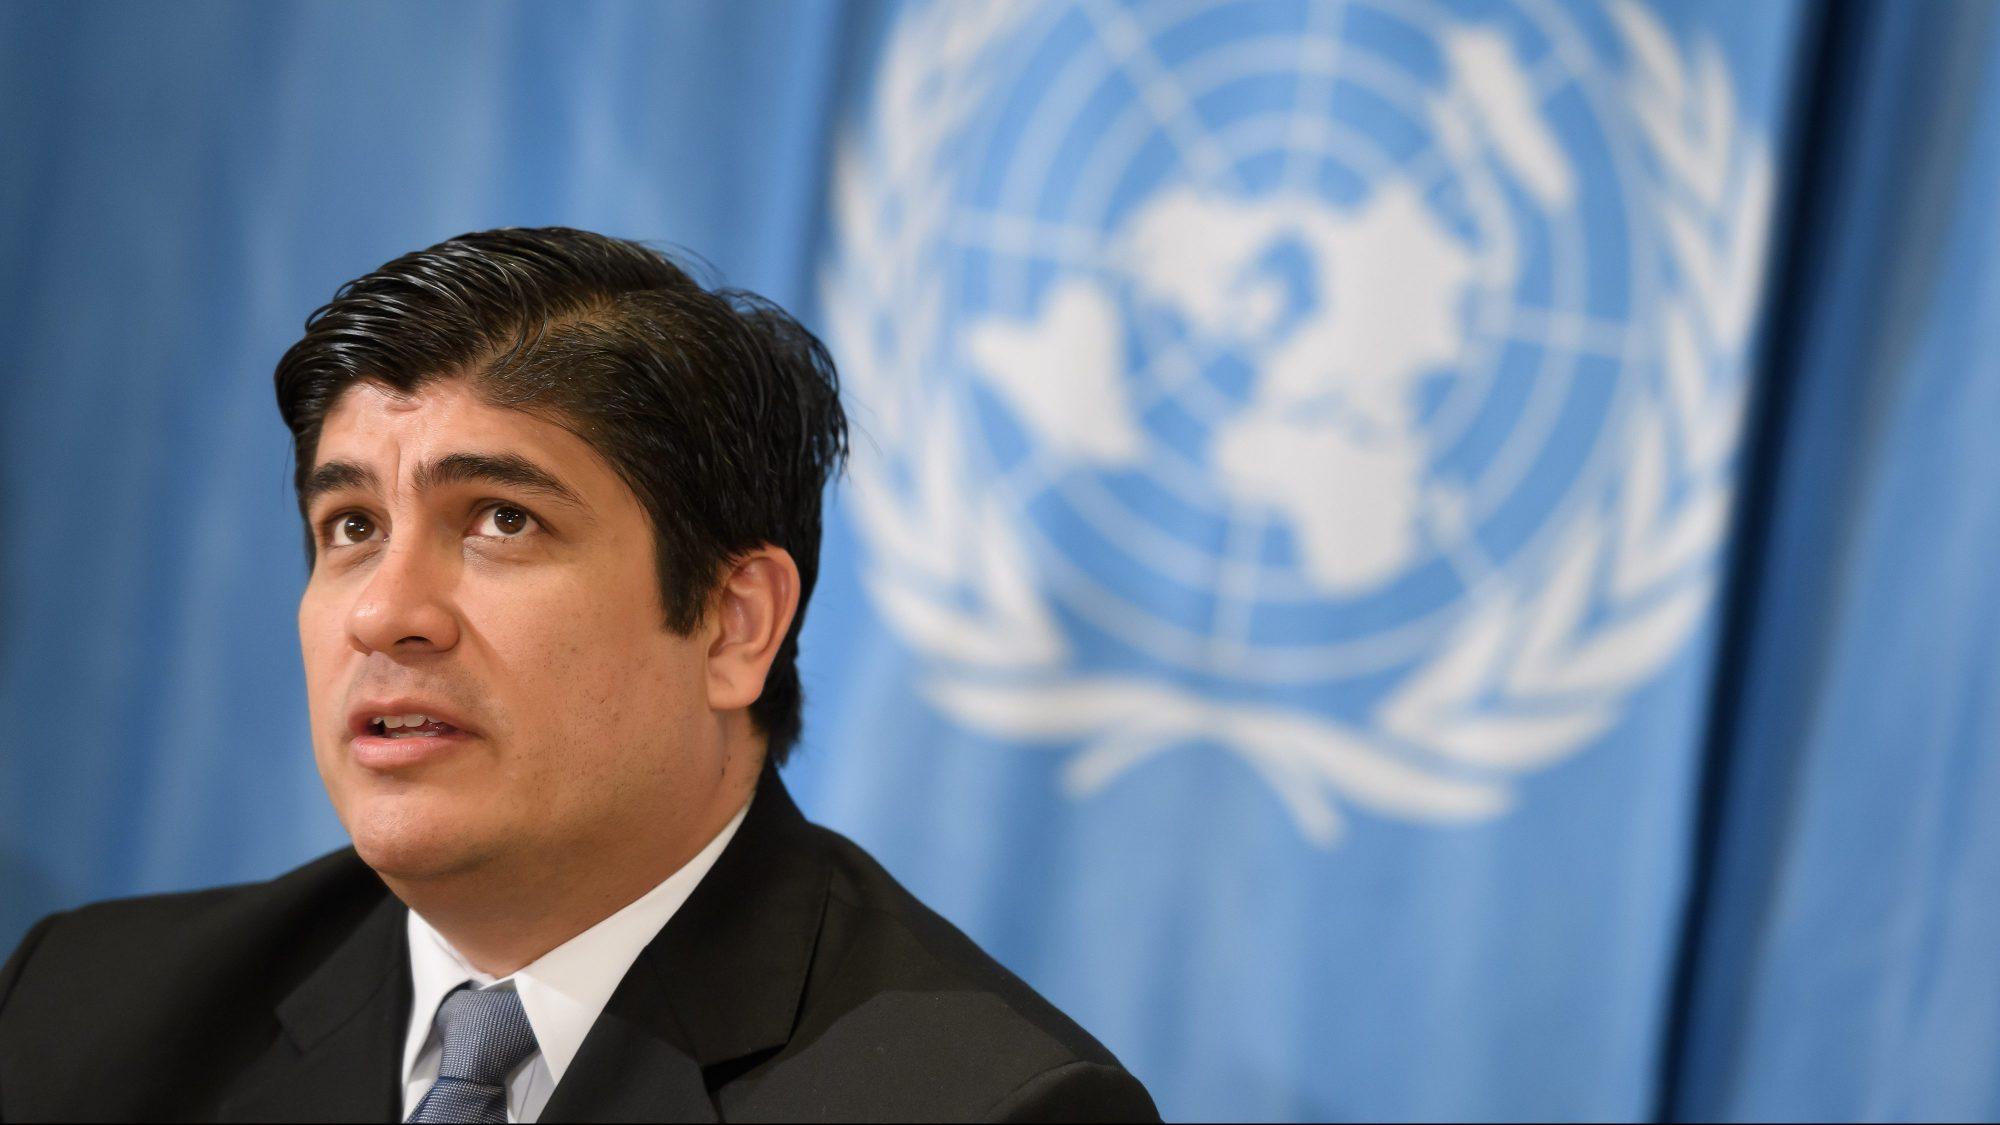 Costa Rica President Carlos Alvarado Quesada